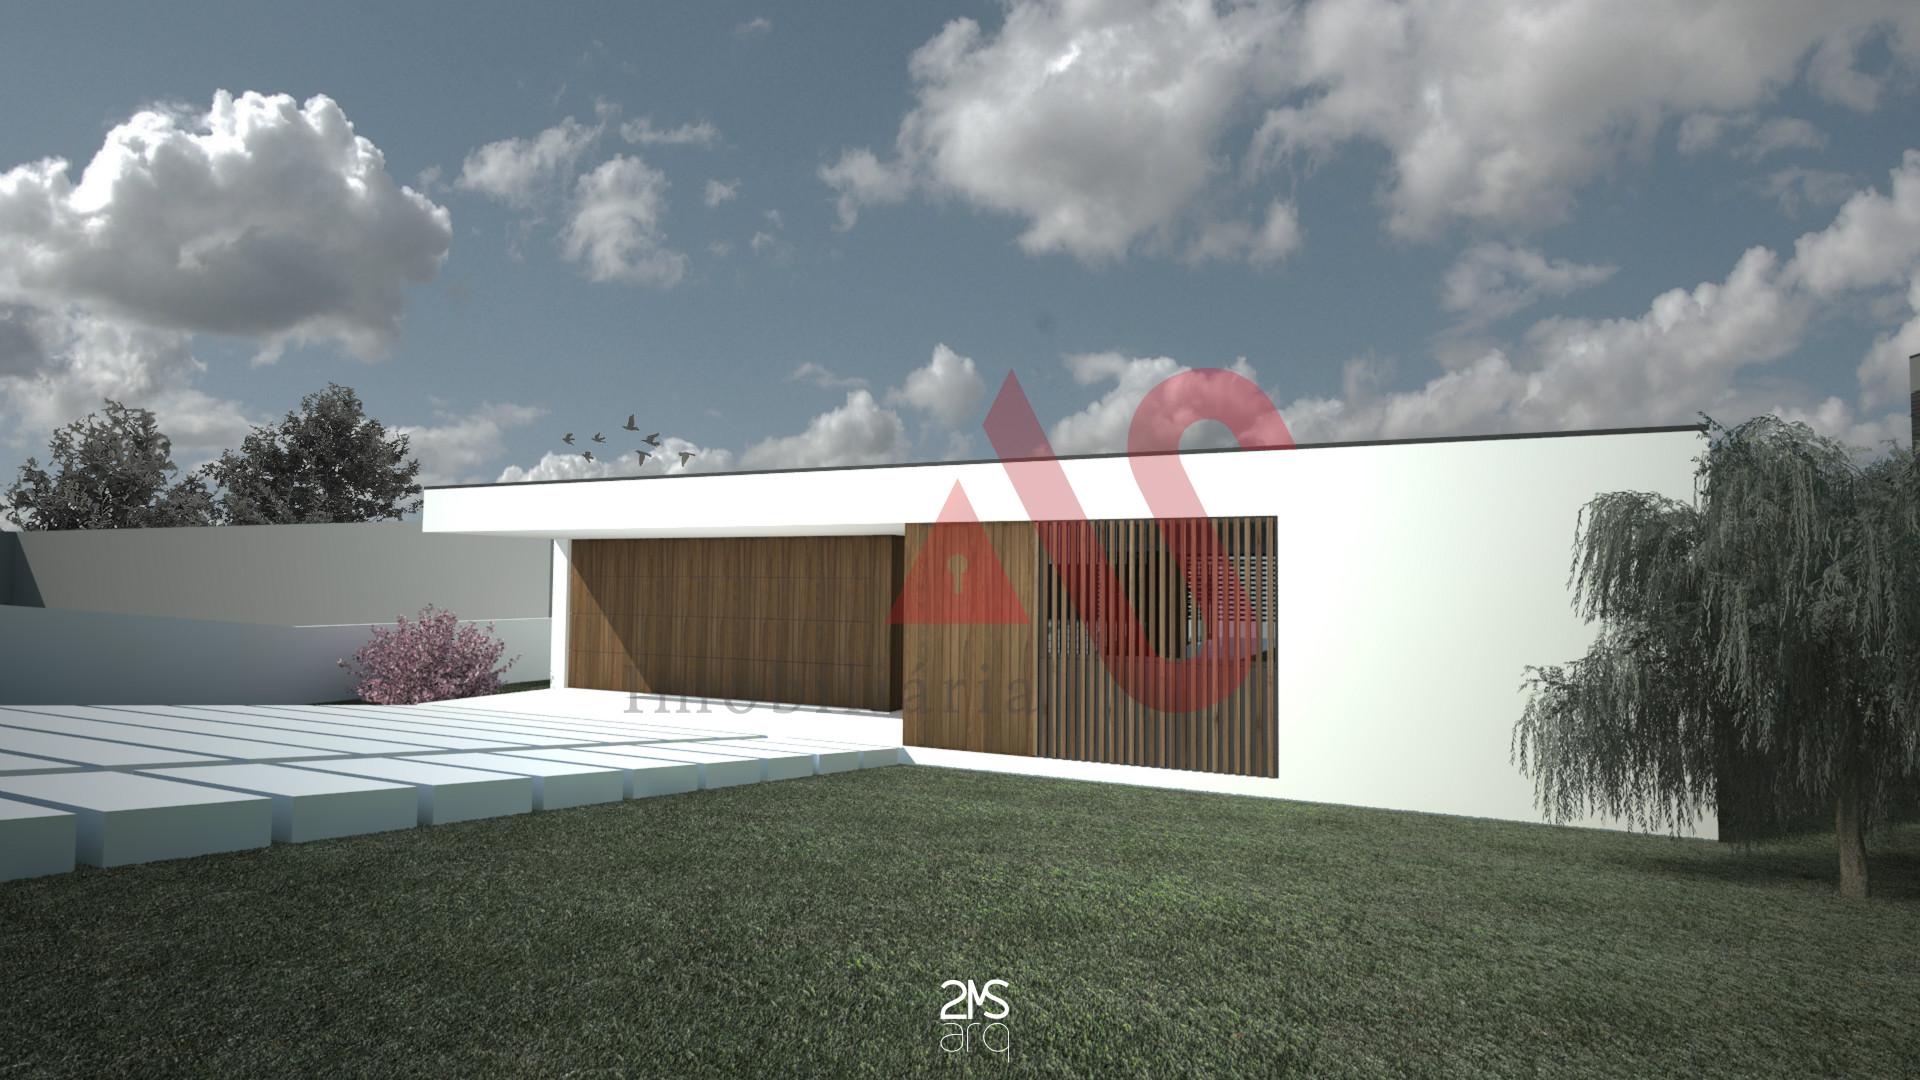 Terreno para construção com 2.000 m2 em Santa Eulália, Vizela